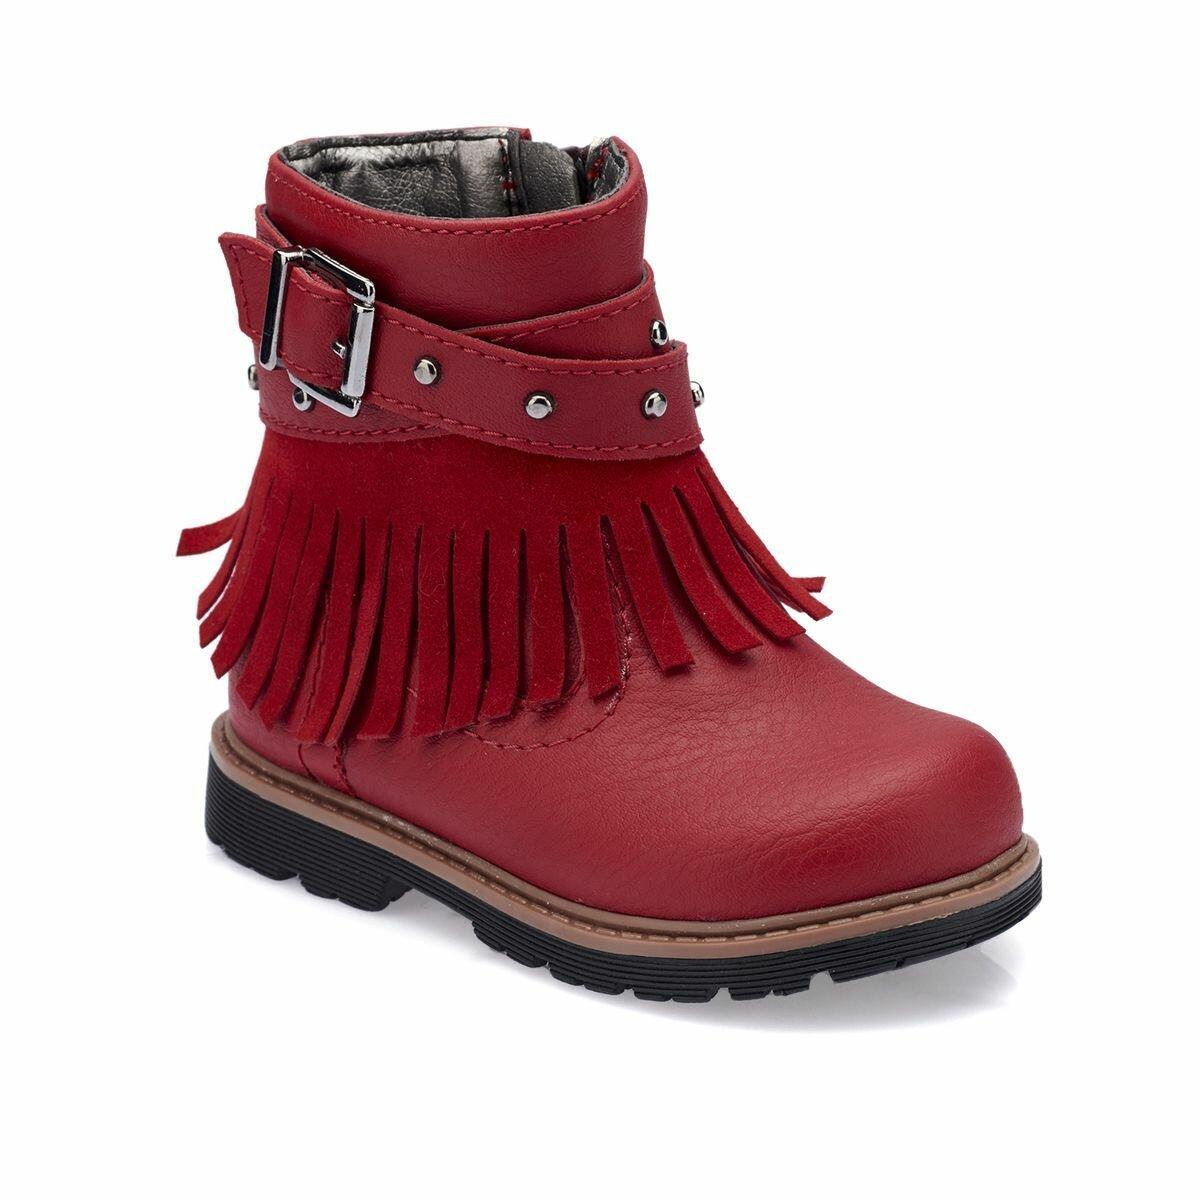 FLO 82. 510523.B Kırmızı Kadın Çocuk Botları Polaris W1217